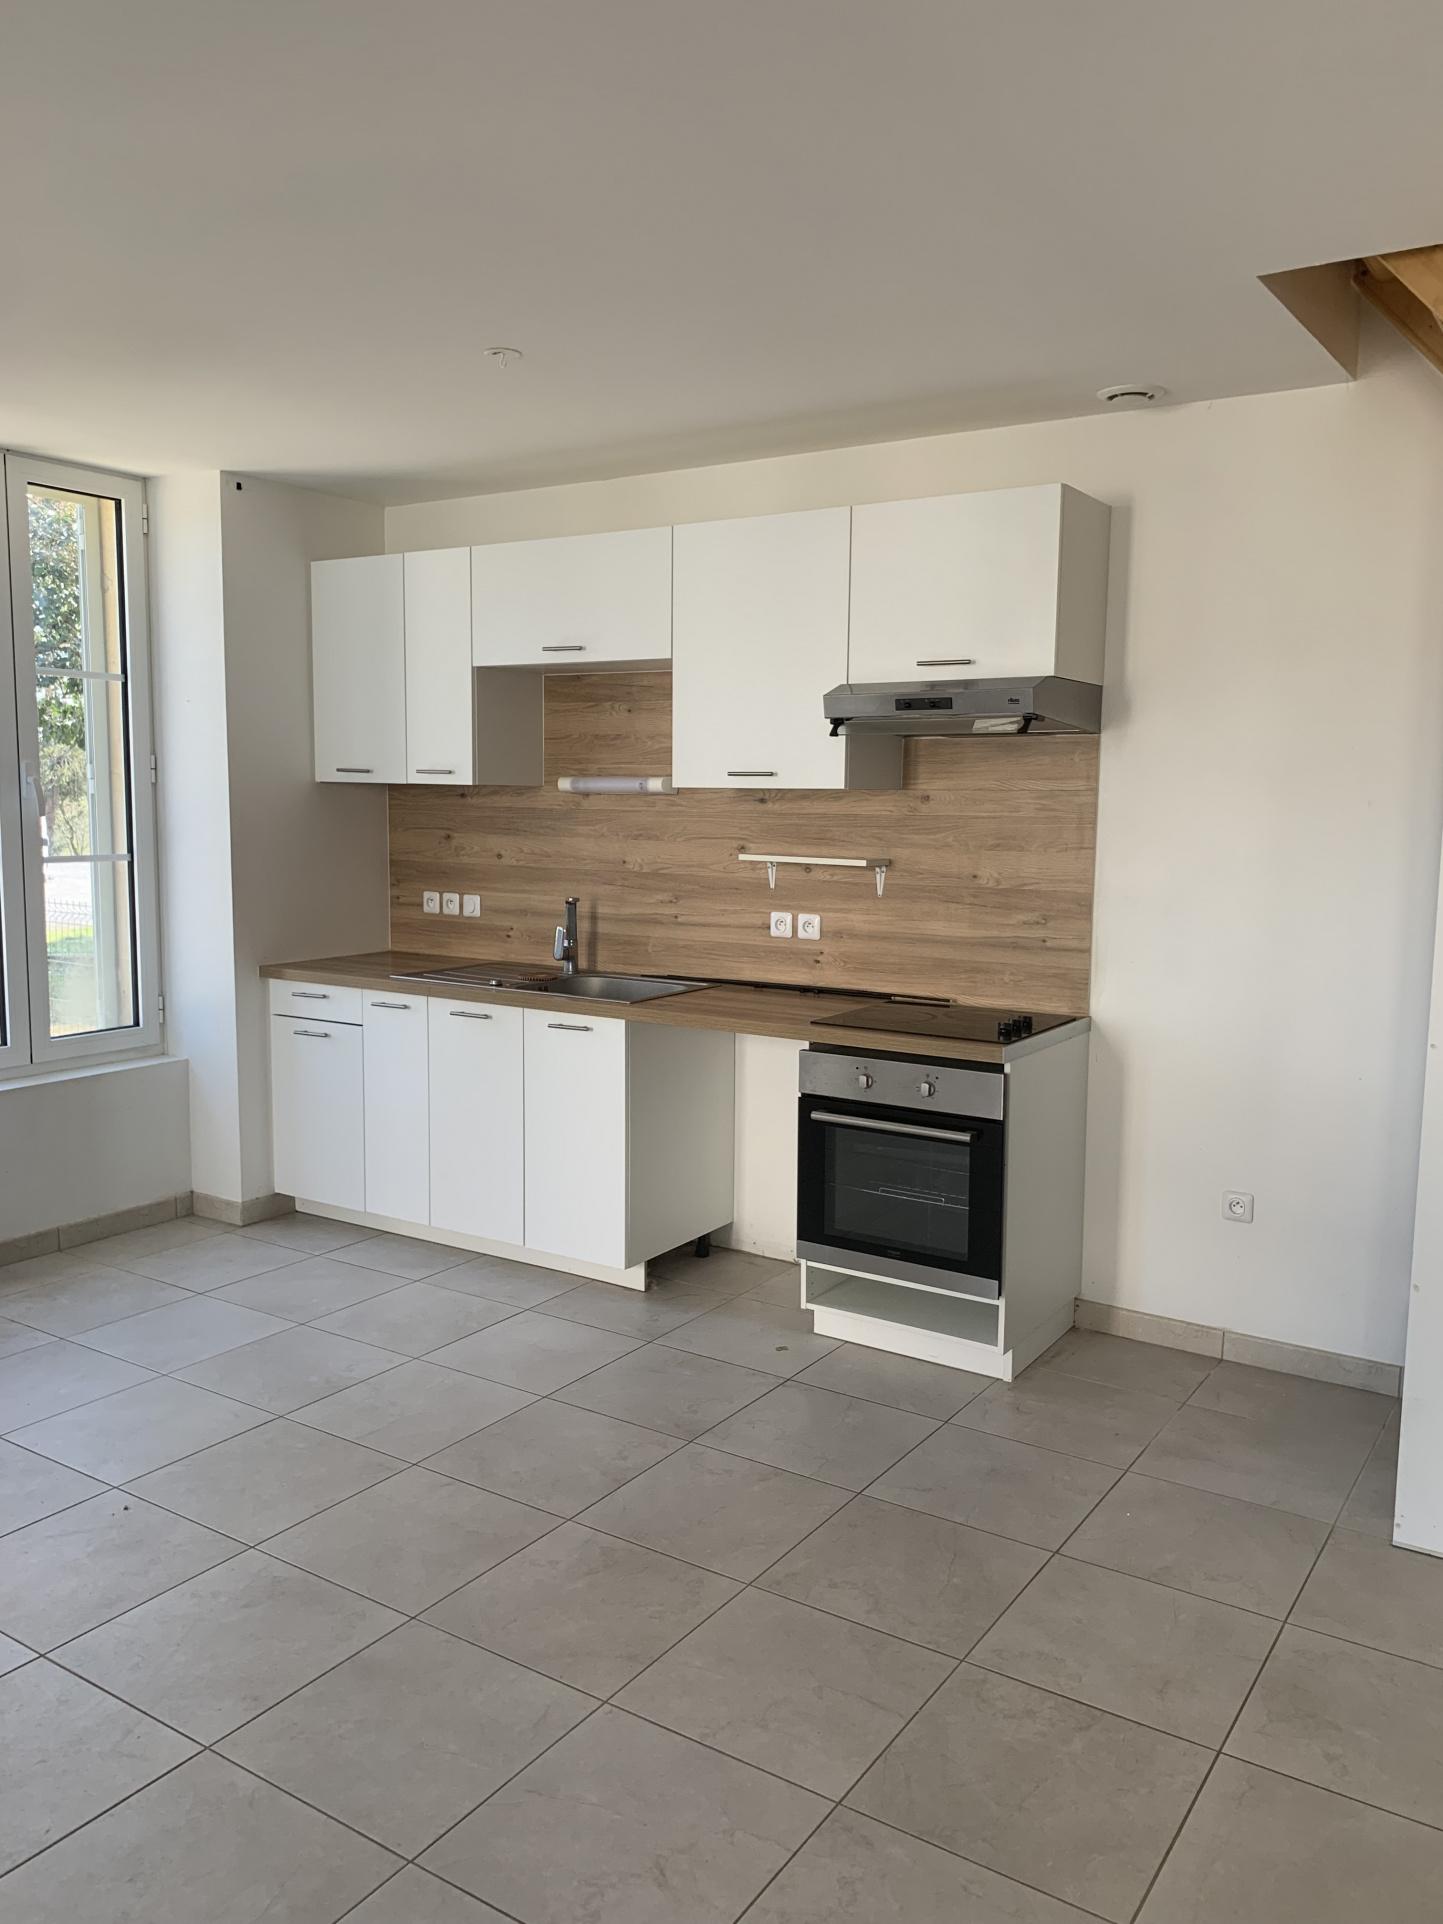 BOULIAC LE DOMAINE DU PIAN  Appartement t 03 DUPLEX